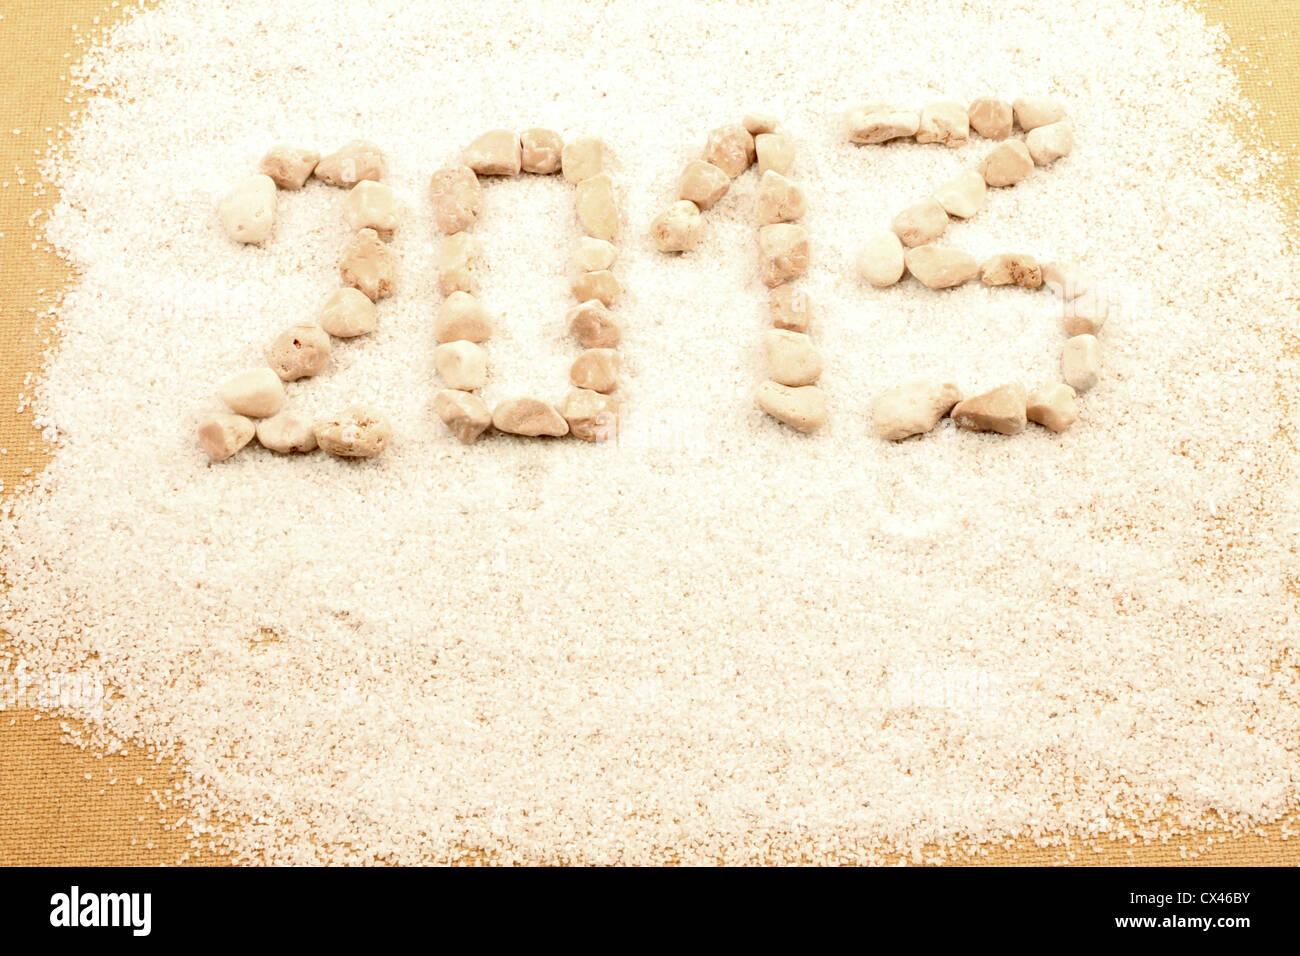 Año nuevo 2013 escrito con guijarros. Foto de stock